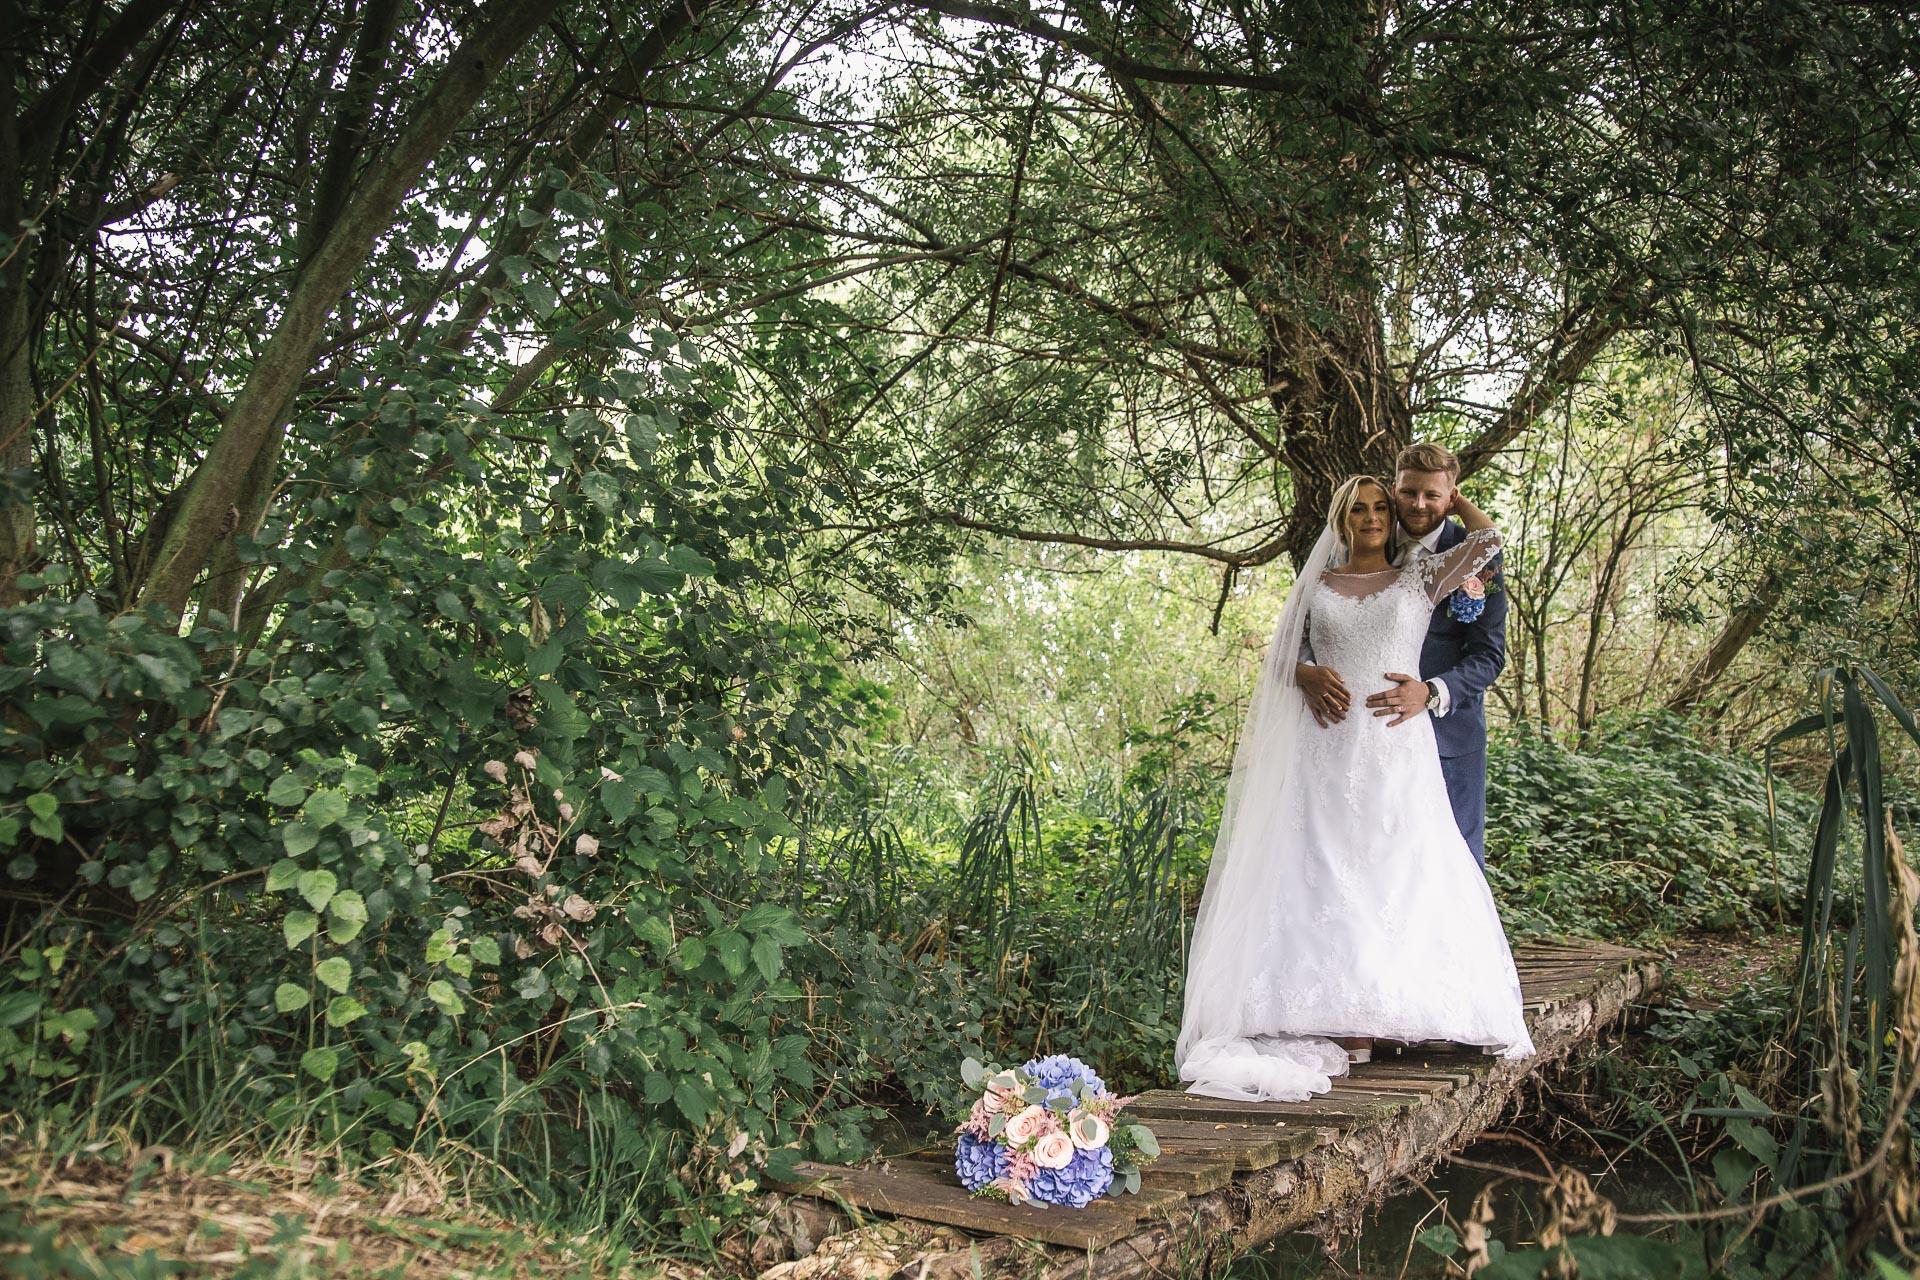 Svatební-fotograf-zámecký-park-Měšice-Svatba-Měšice-u-Prahy-7841